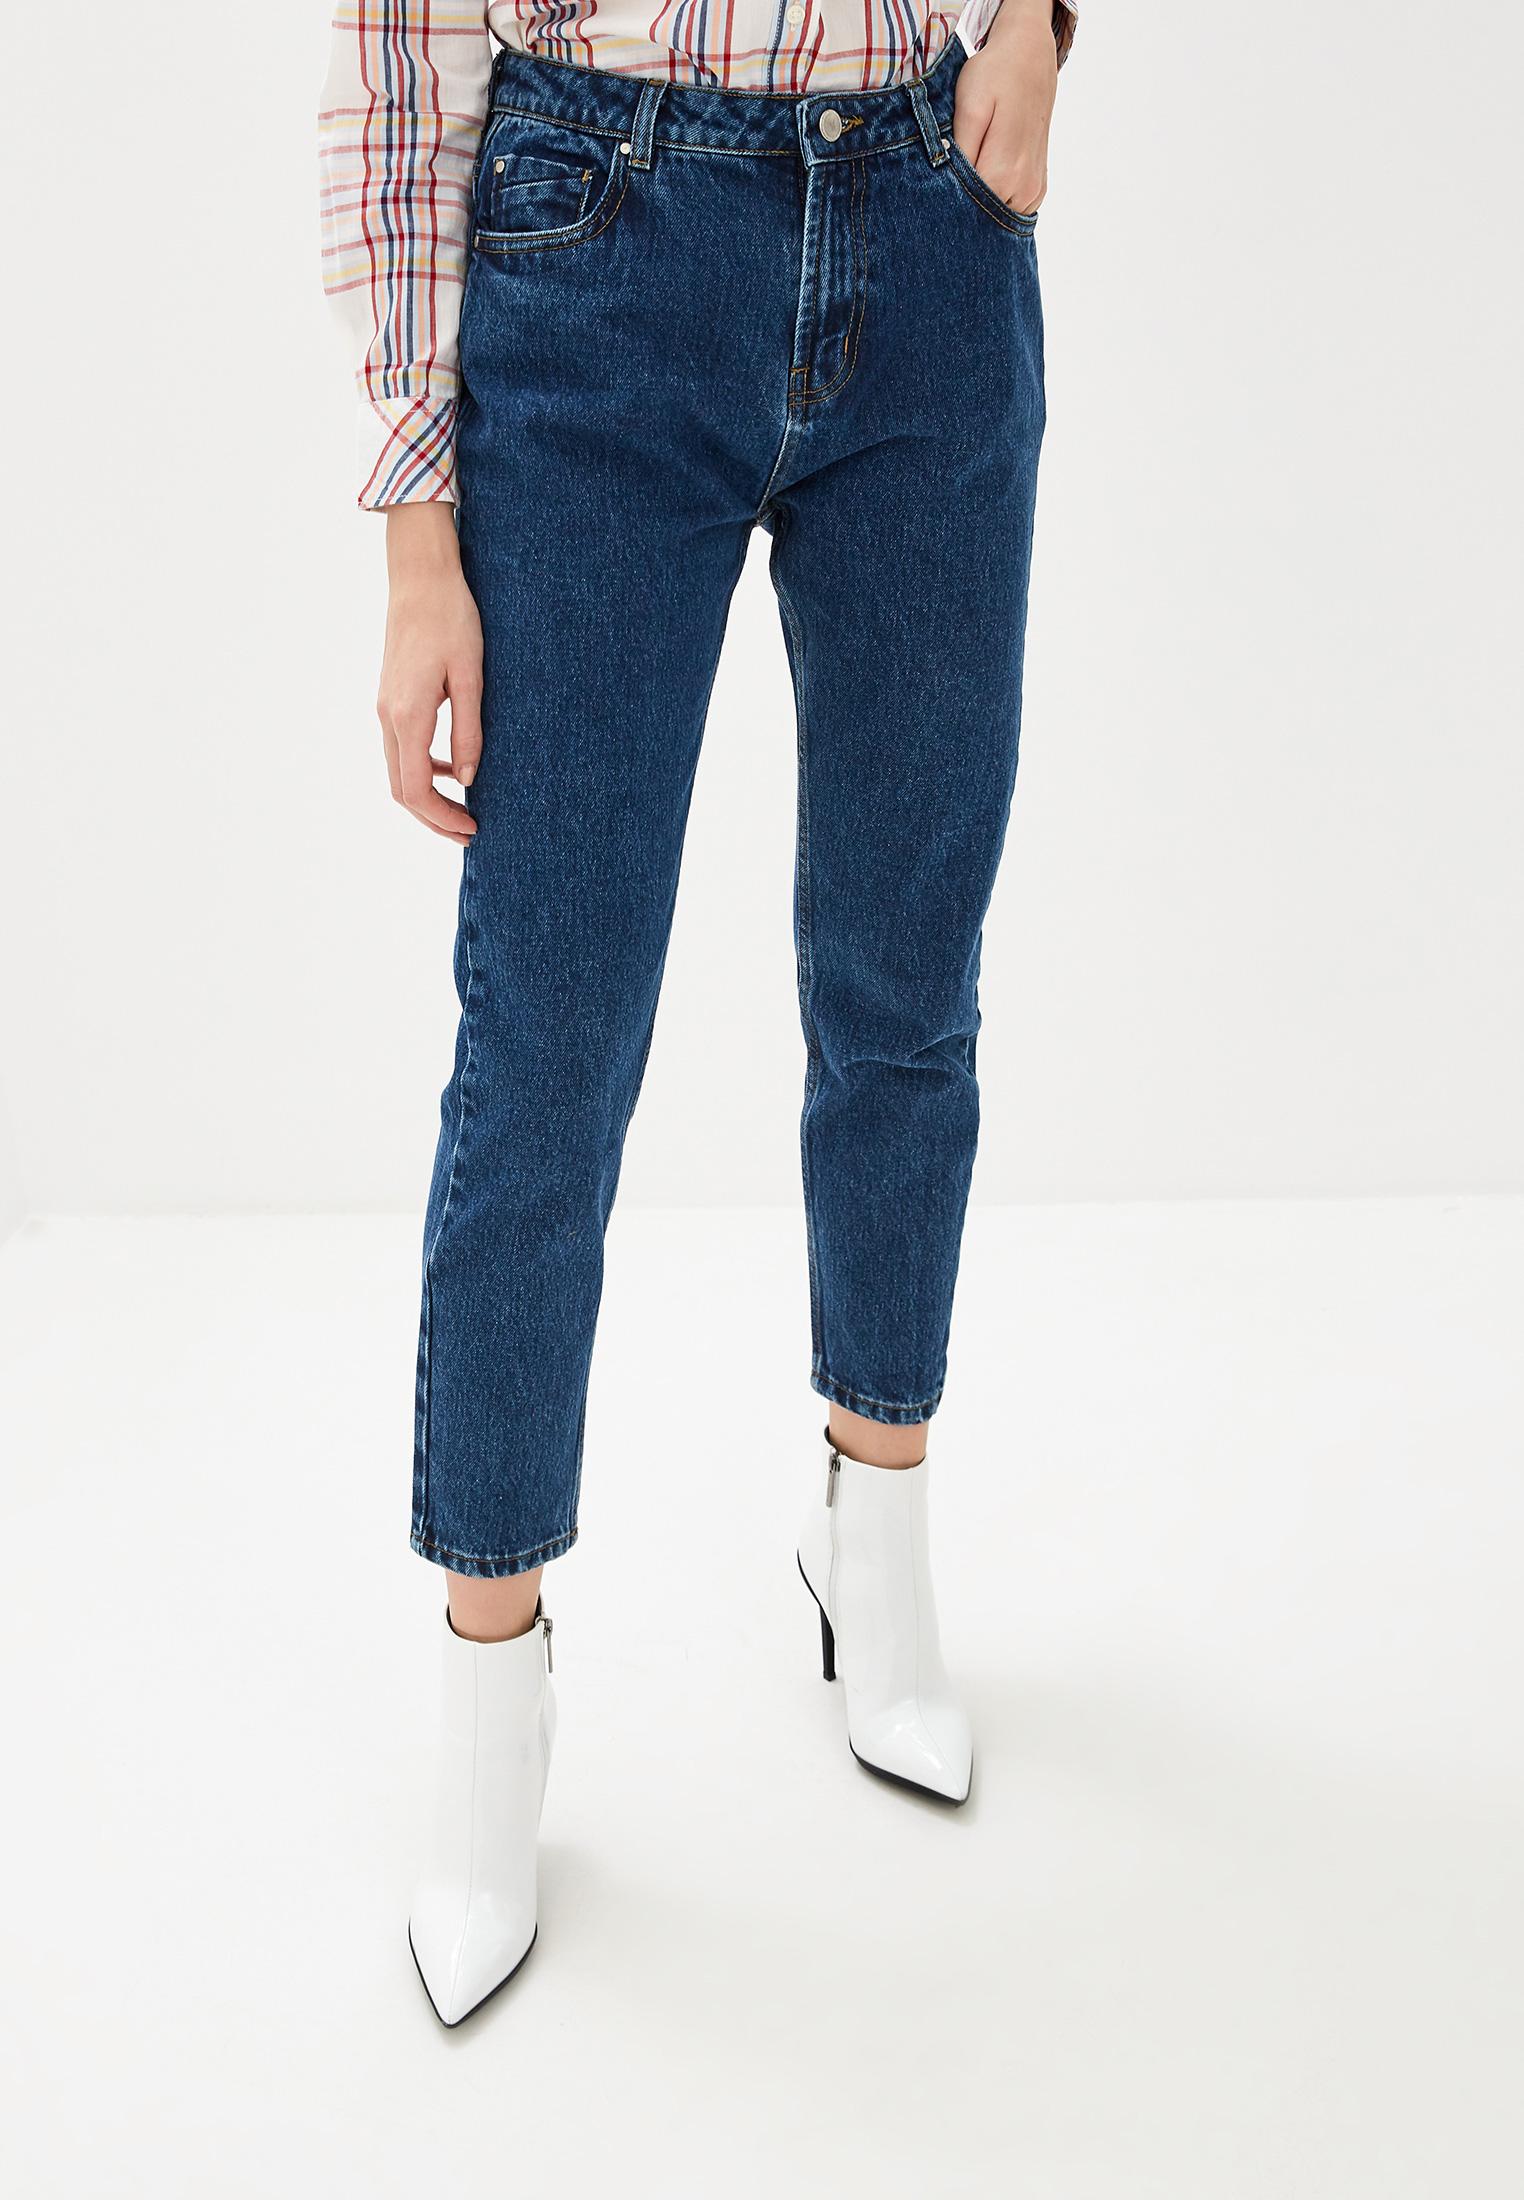 Прямые джинсы Pink Woman 3024.219